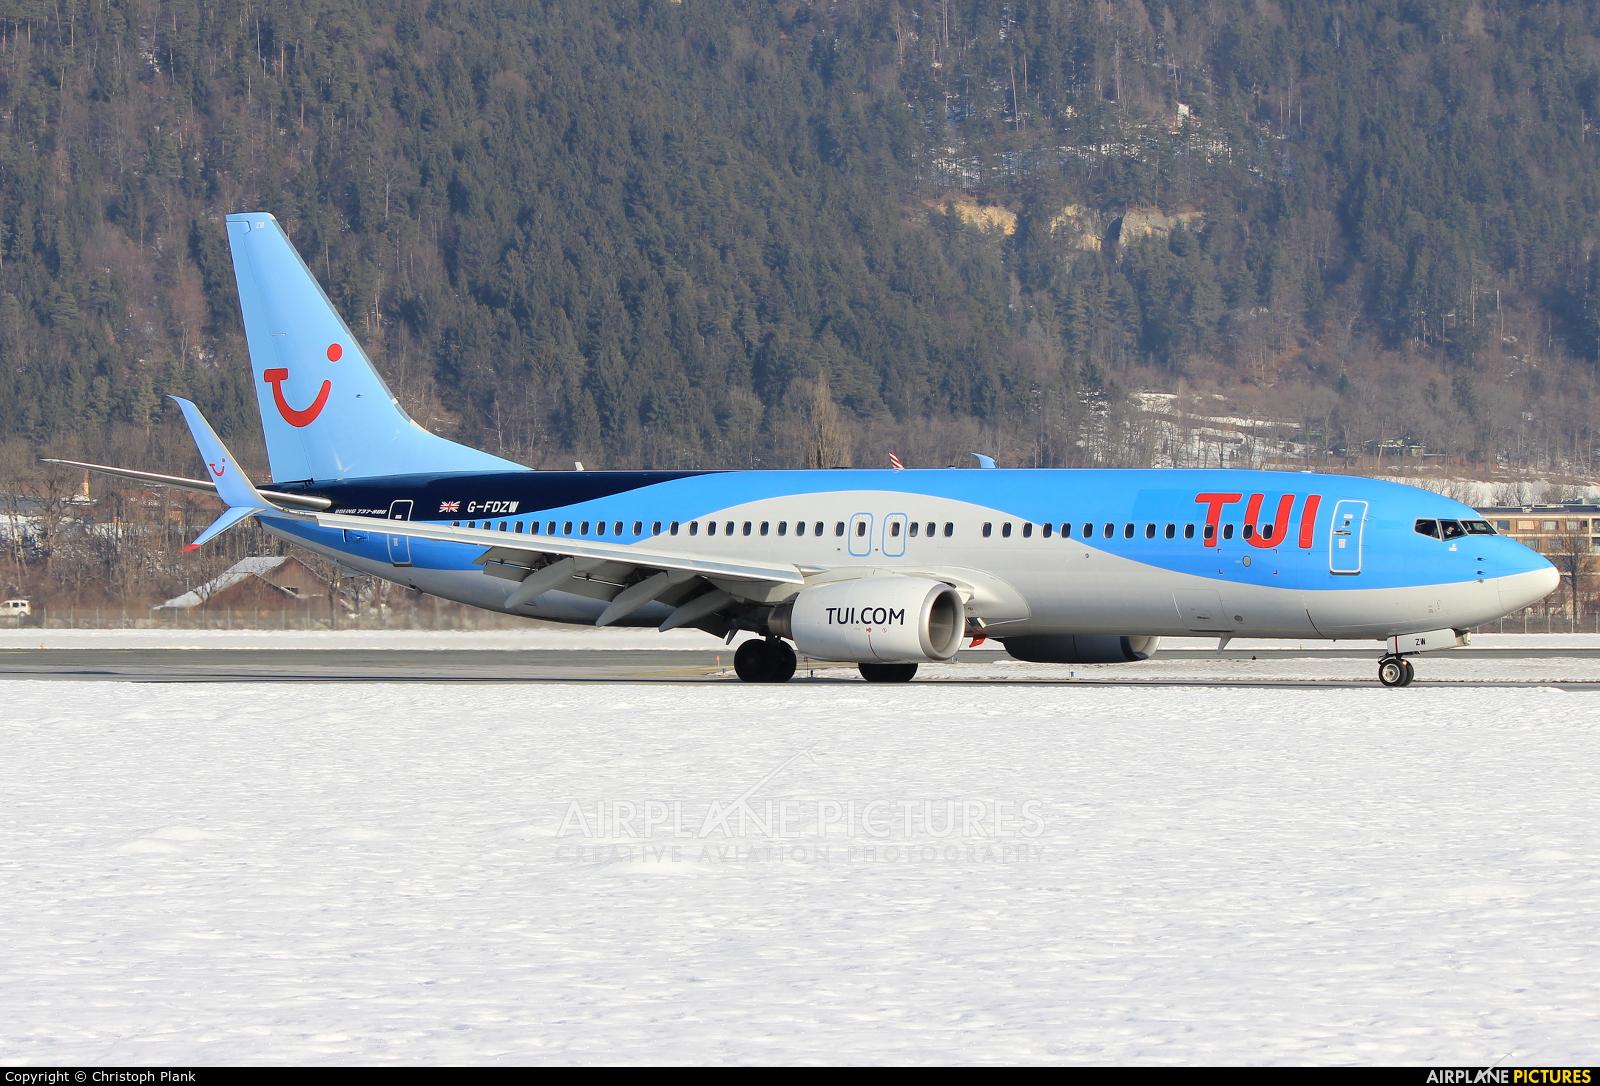 TUI Airways G-FDZW aircraft at Innsbruck